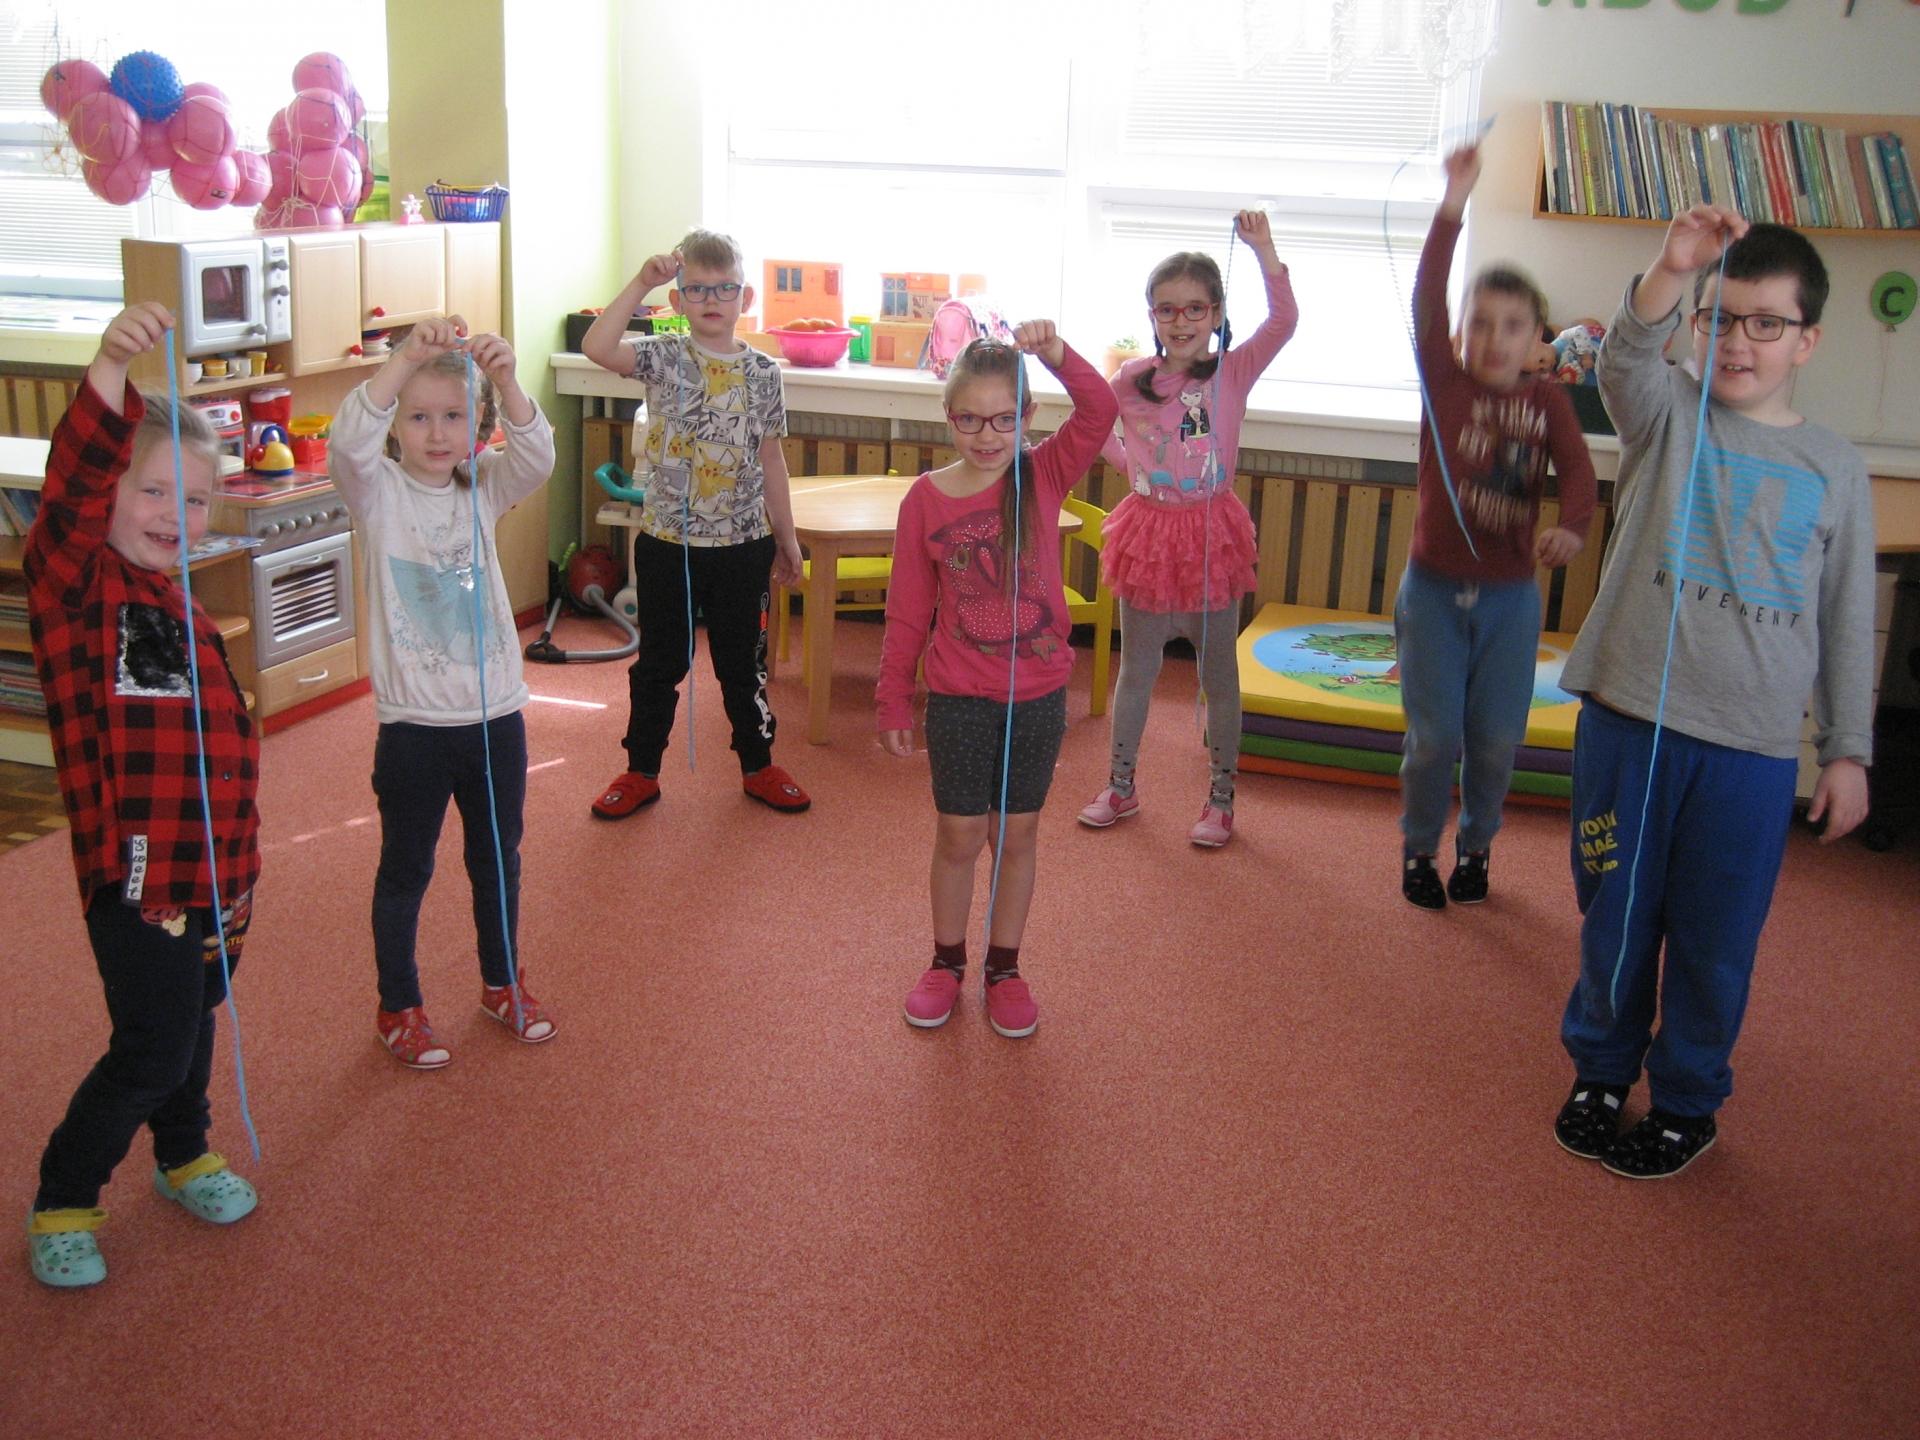 Děti cvičí s tkaničkou 1